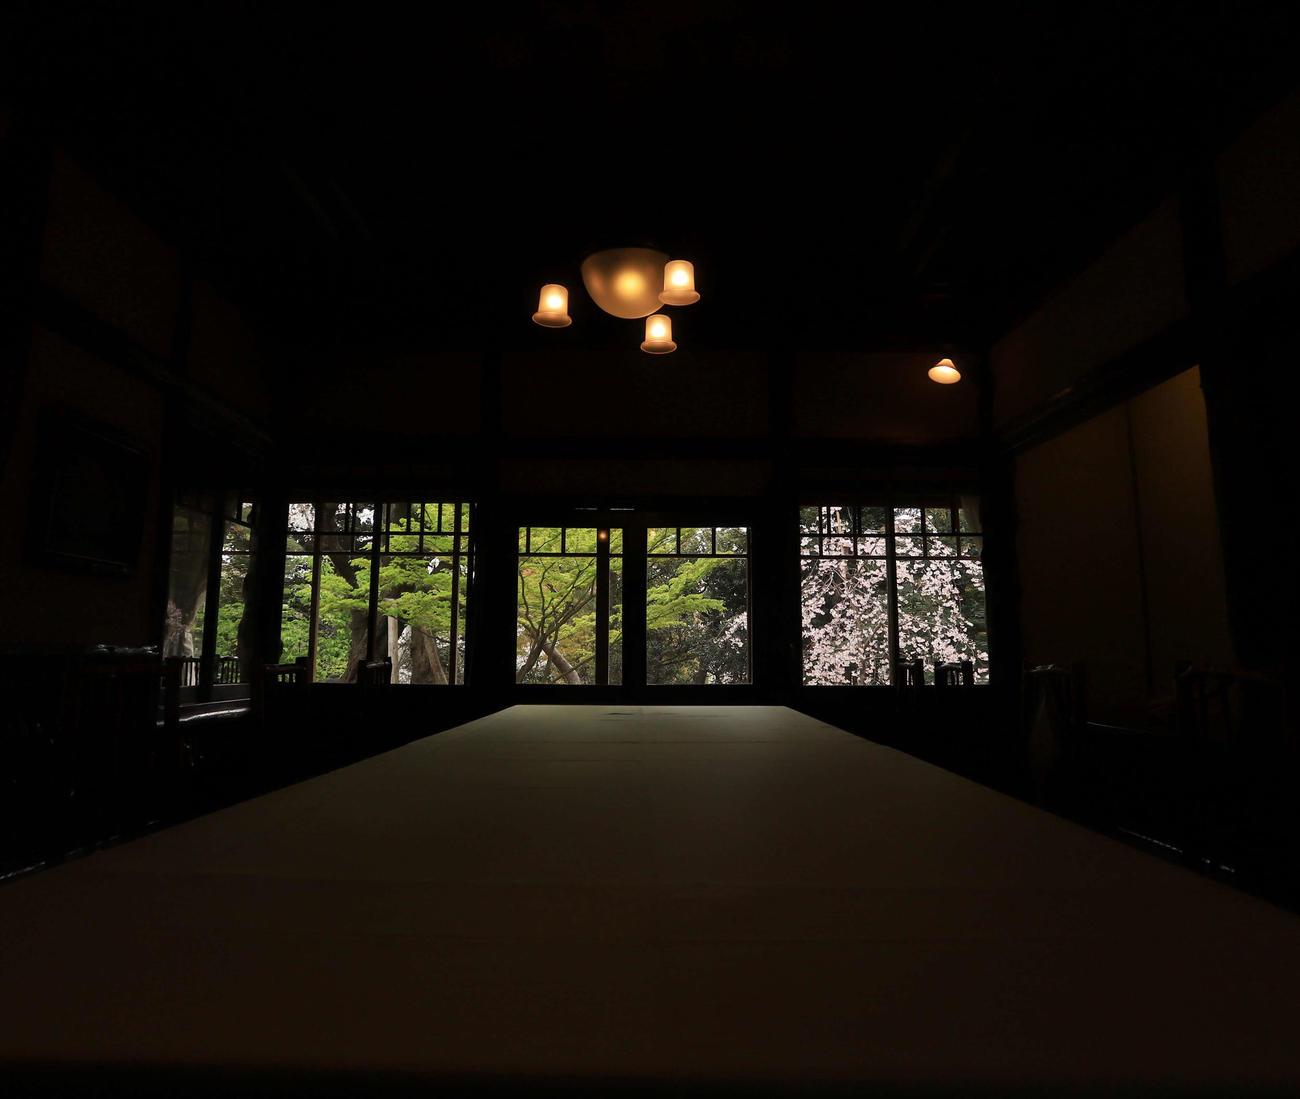 八芳園の料亭「壺中庵」の小窓からは色鮮やかな桜と庭園の緑が風情あるキャンバスのような瞬間を作り出す(撮影・垰建太)